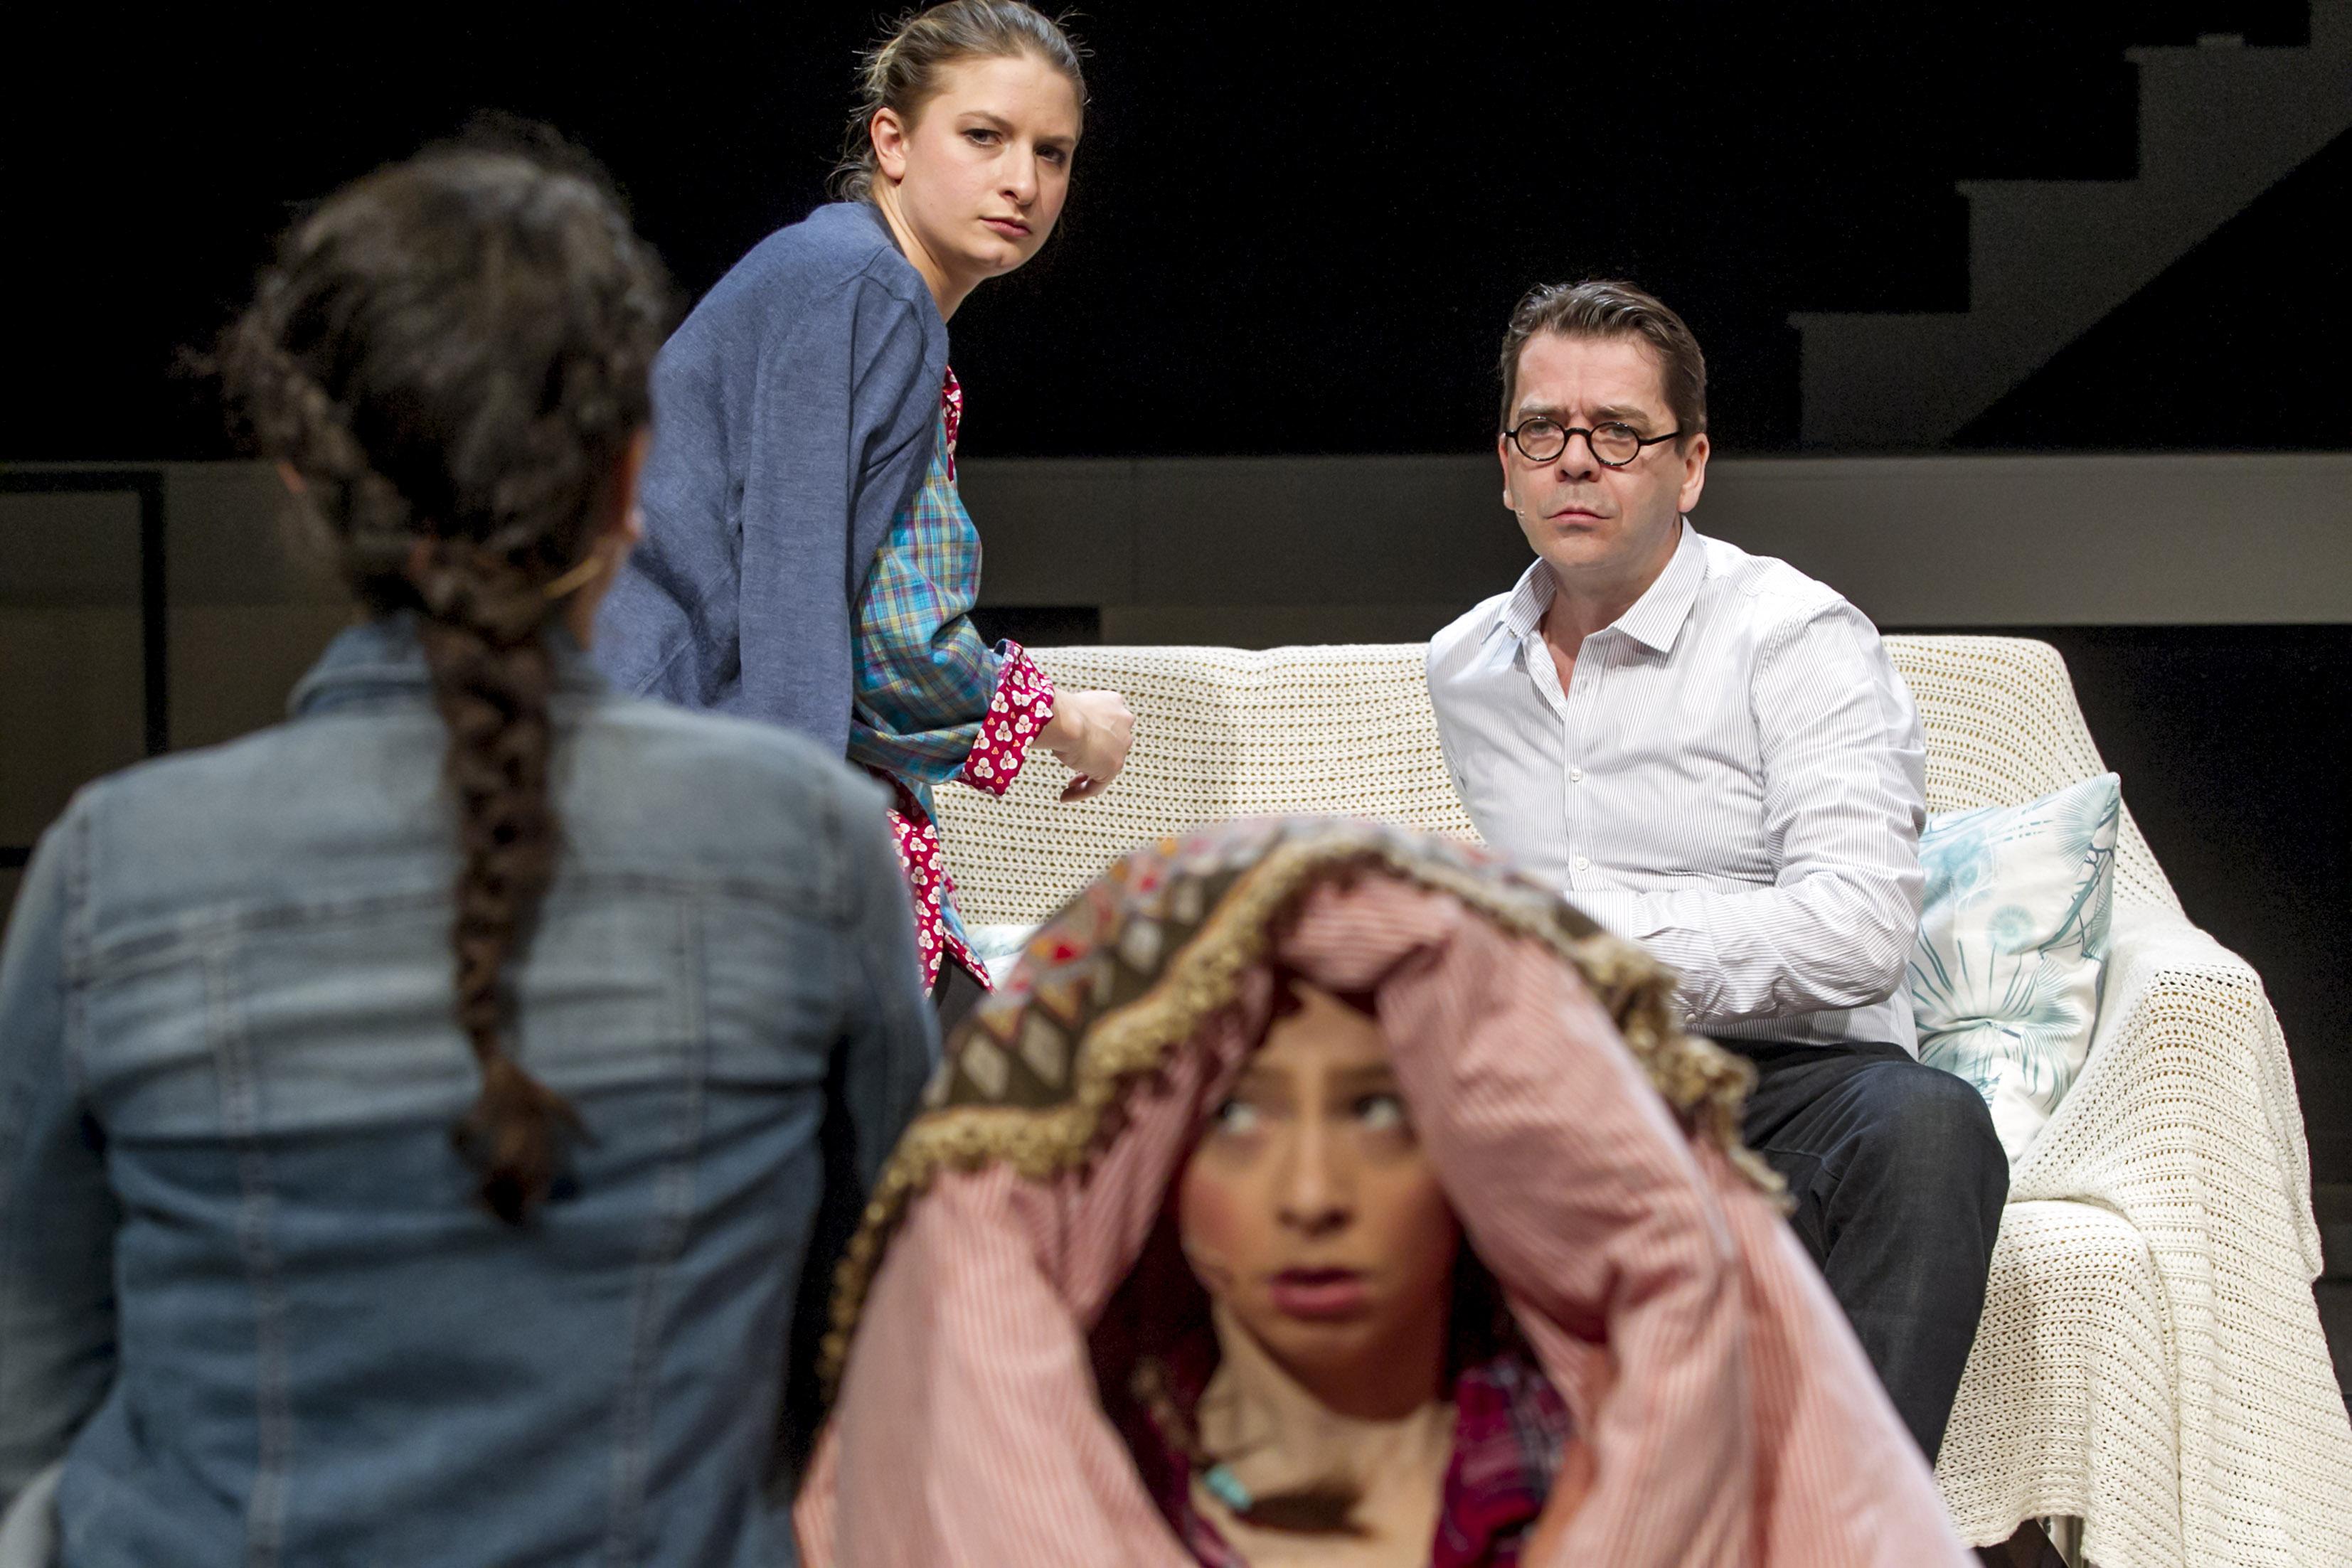 Familienaufstellung:  Amelie Koeder (als Laura, vorne), Esther Agricola, Rene Schubert – Foto: David Baltzer / bildbuehne.de